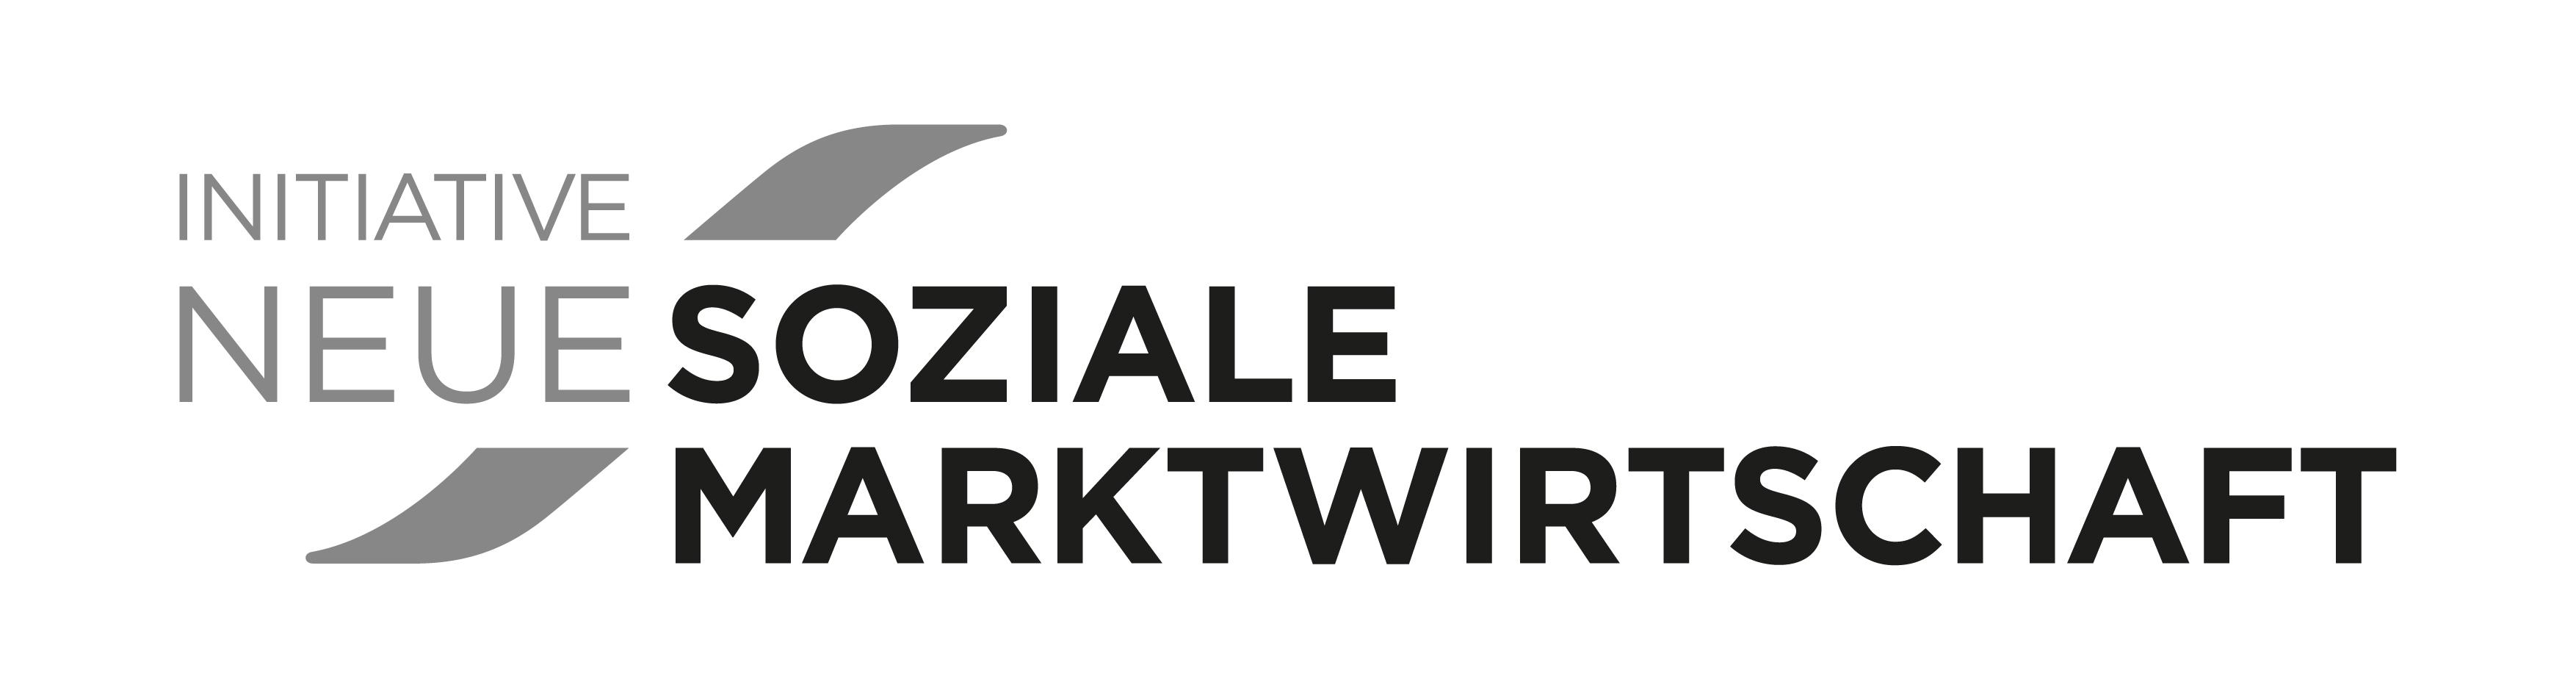 Deutsche-Politik-News.de | Initiative Neue Soziale Marktwirtschaft